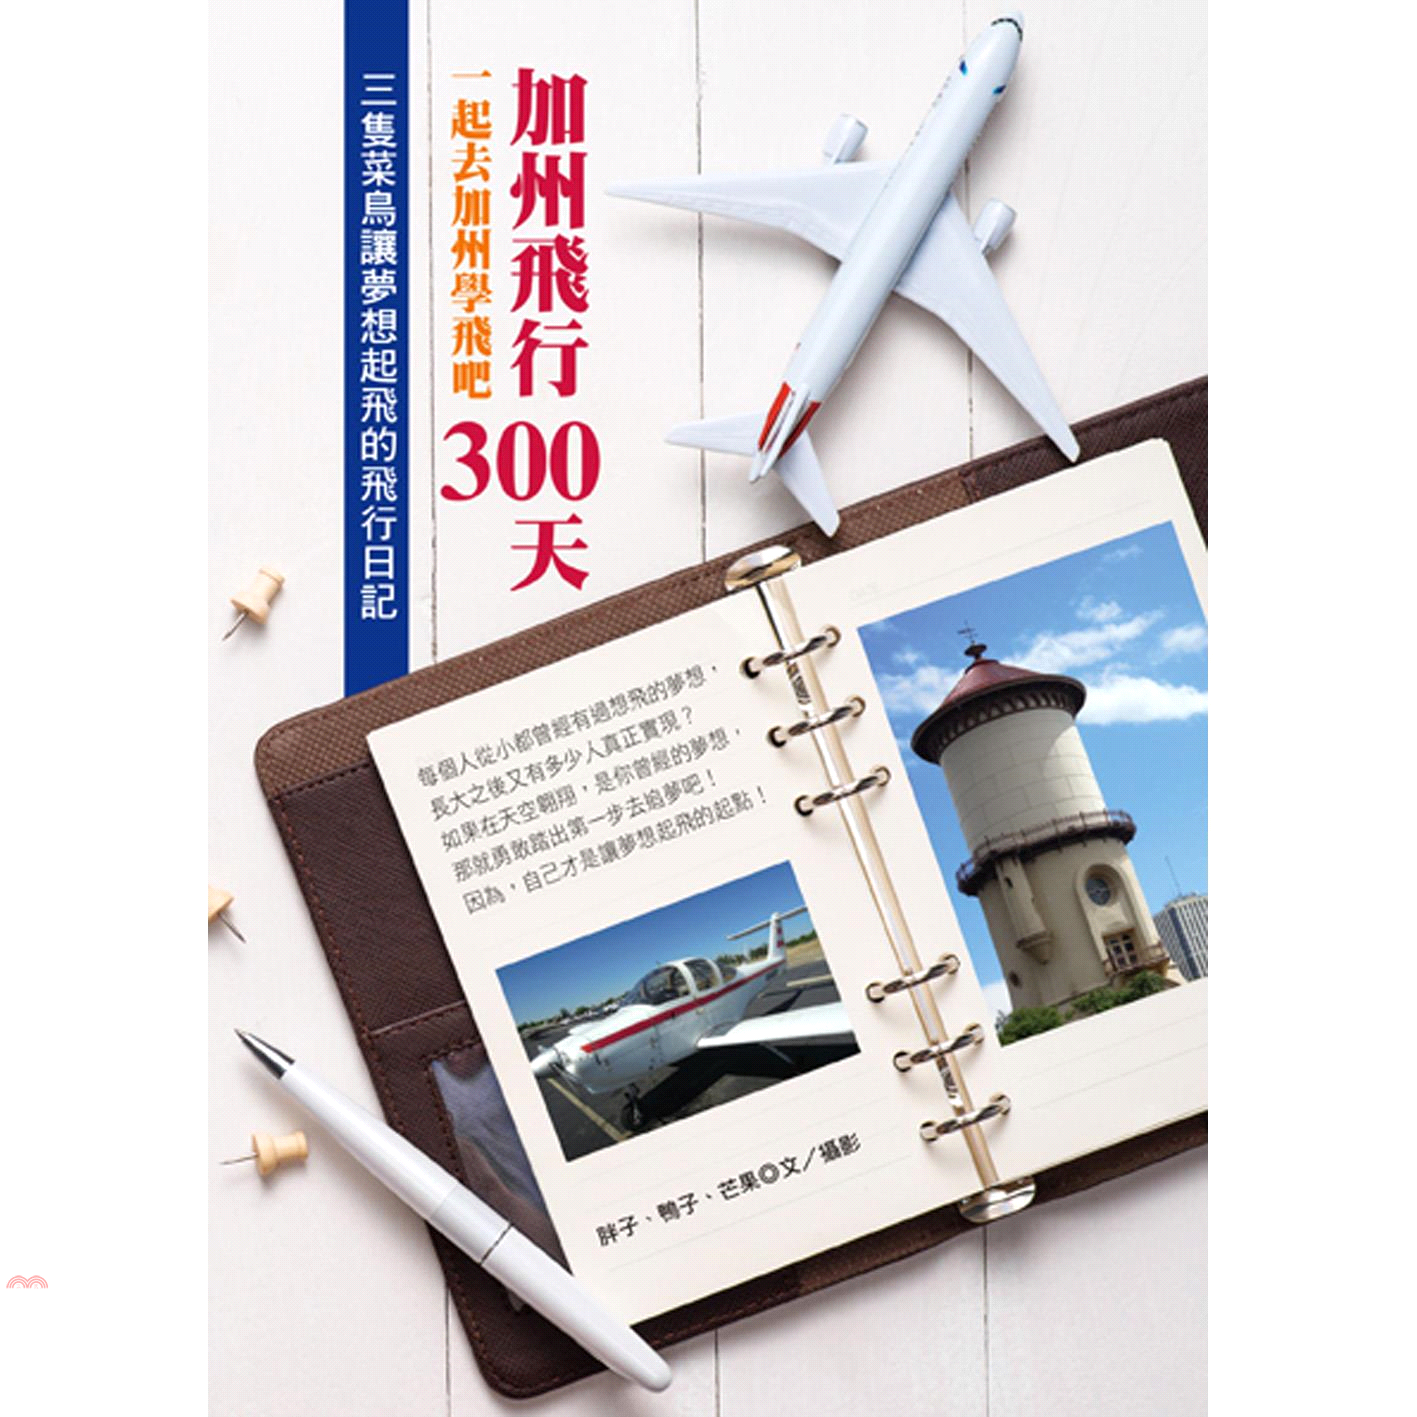 《華成圖書》加州飛行300天:一起去加州學飛吧[9折]